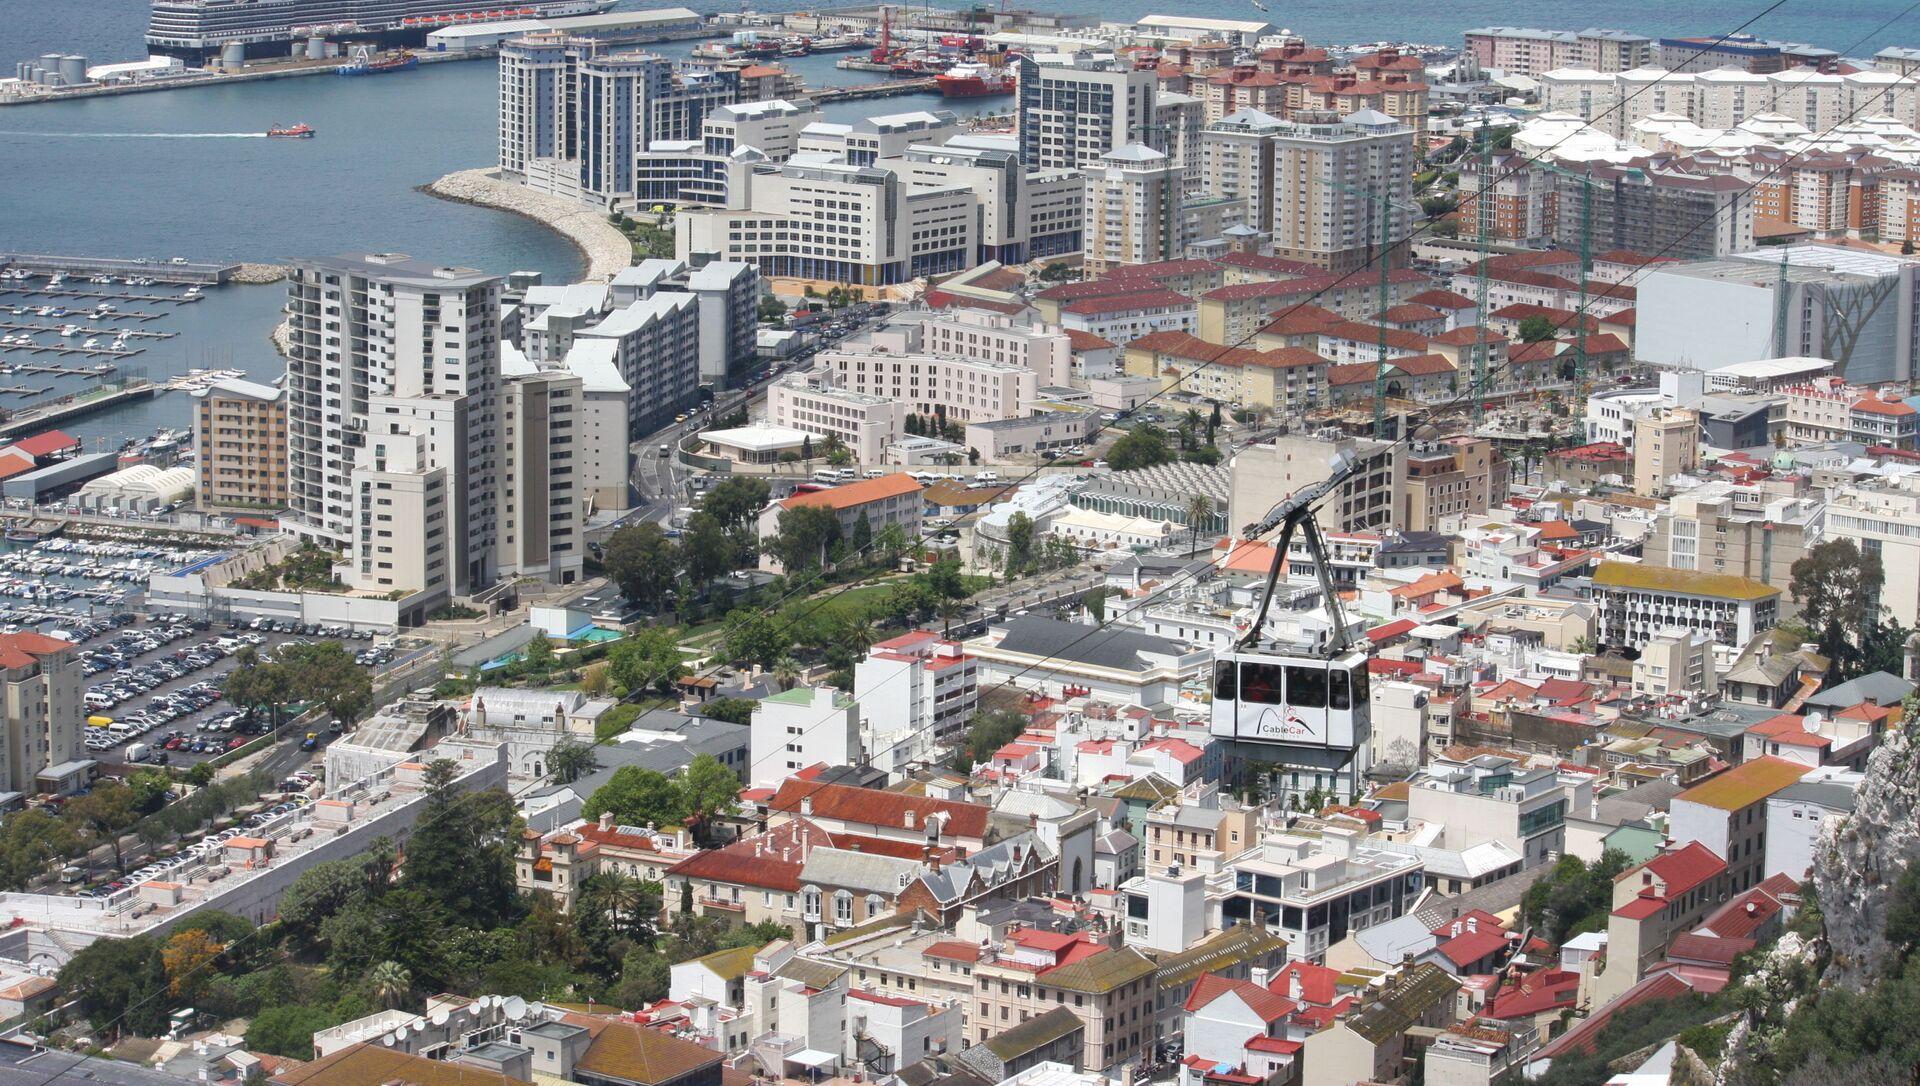 Vista sul porto di Gibilterra - Sputnik Italia, 1920, 18.03.2021